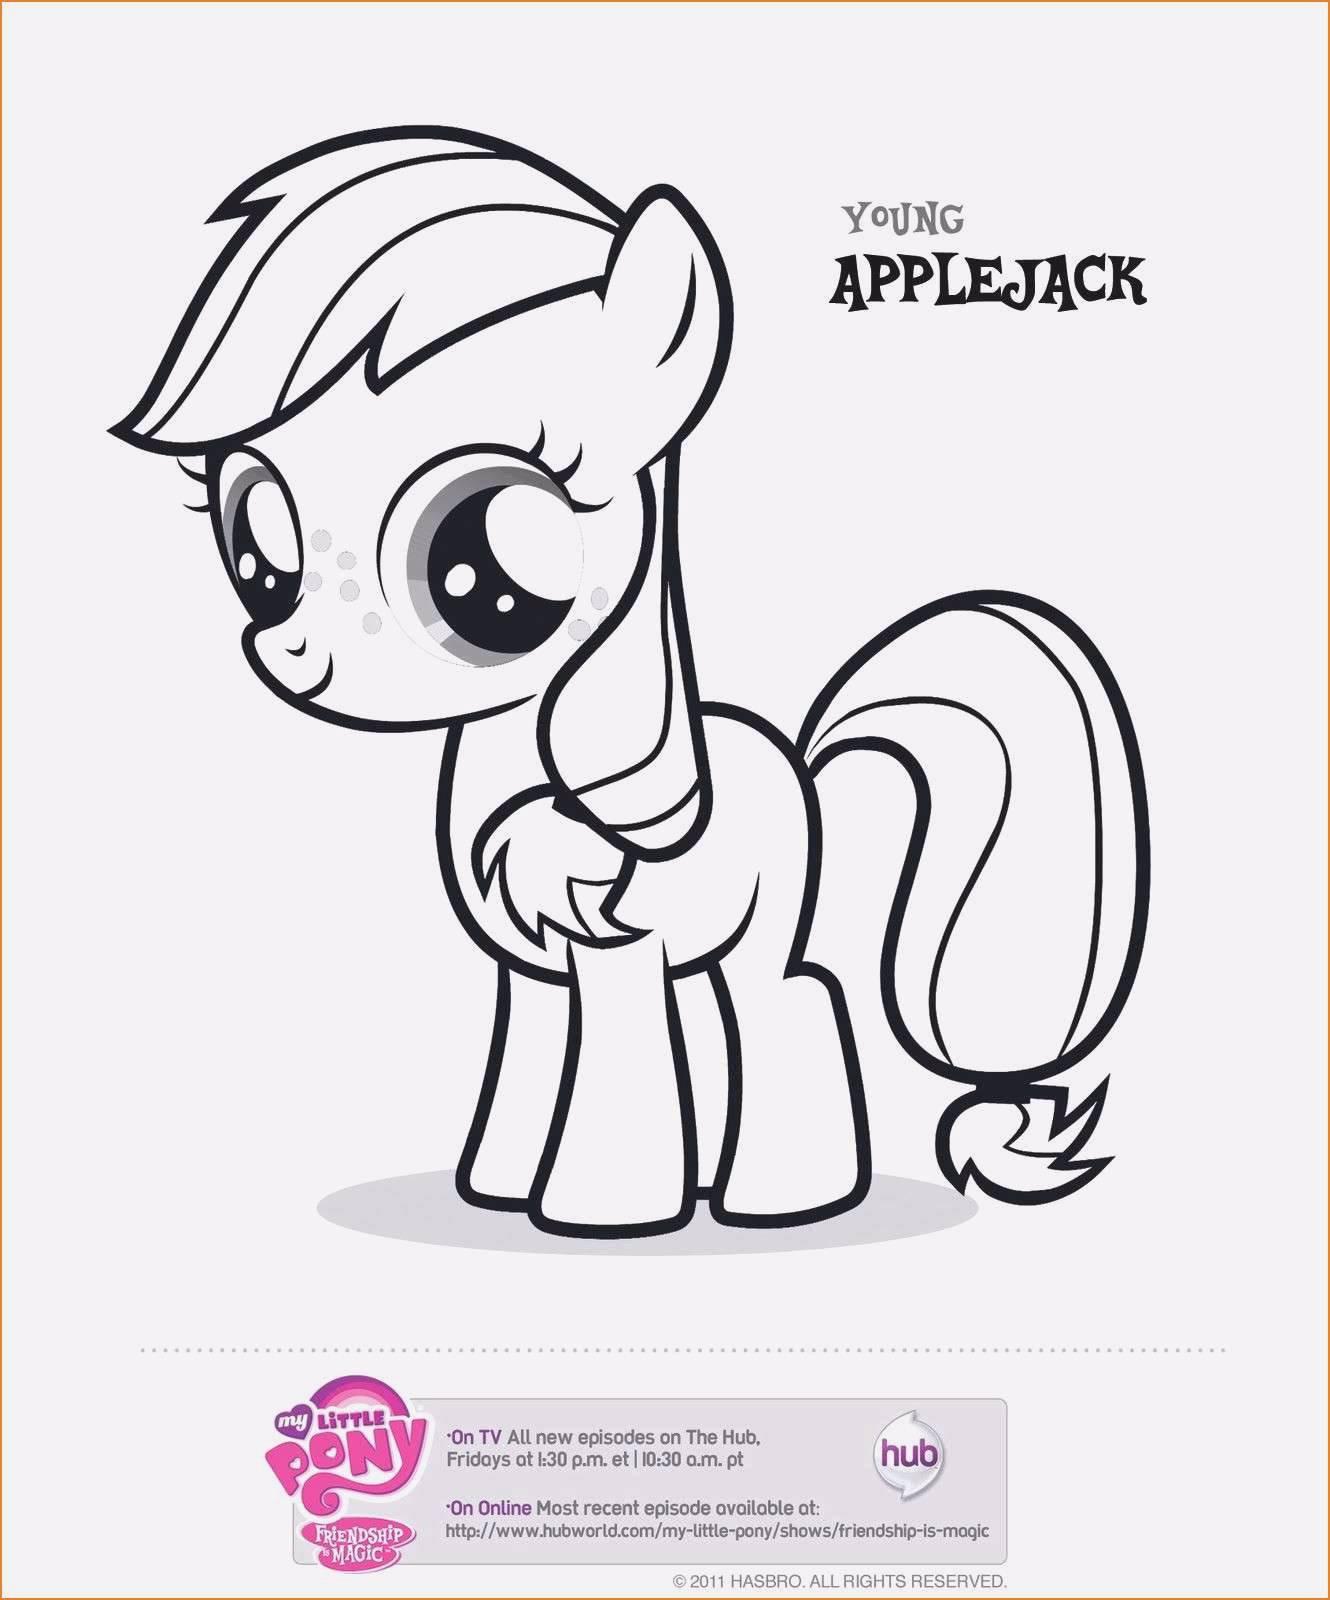 My Little Pony Pinkie Pie Ausmalbilder Einzigartig 25 Druckbar Malvorlagen Prinzessin Celestia Bild